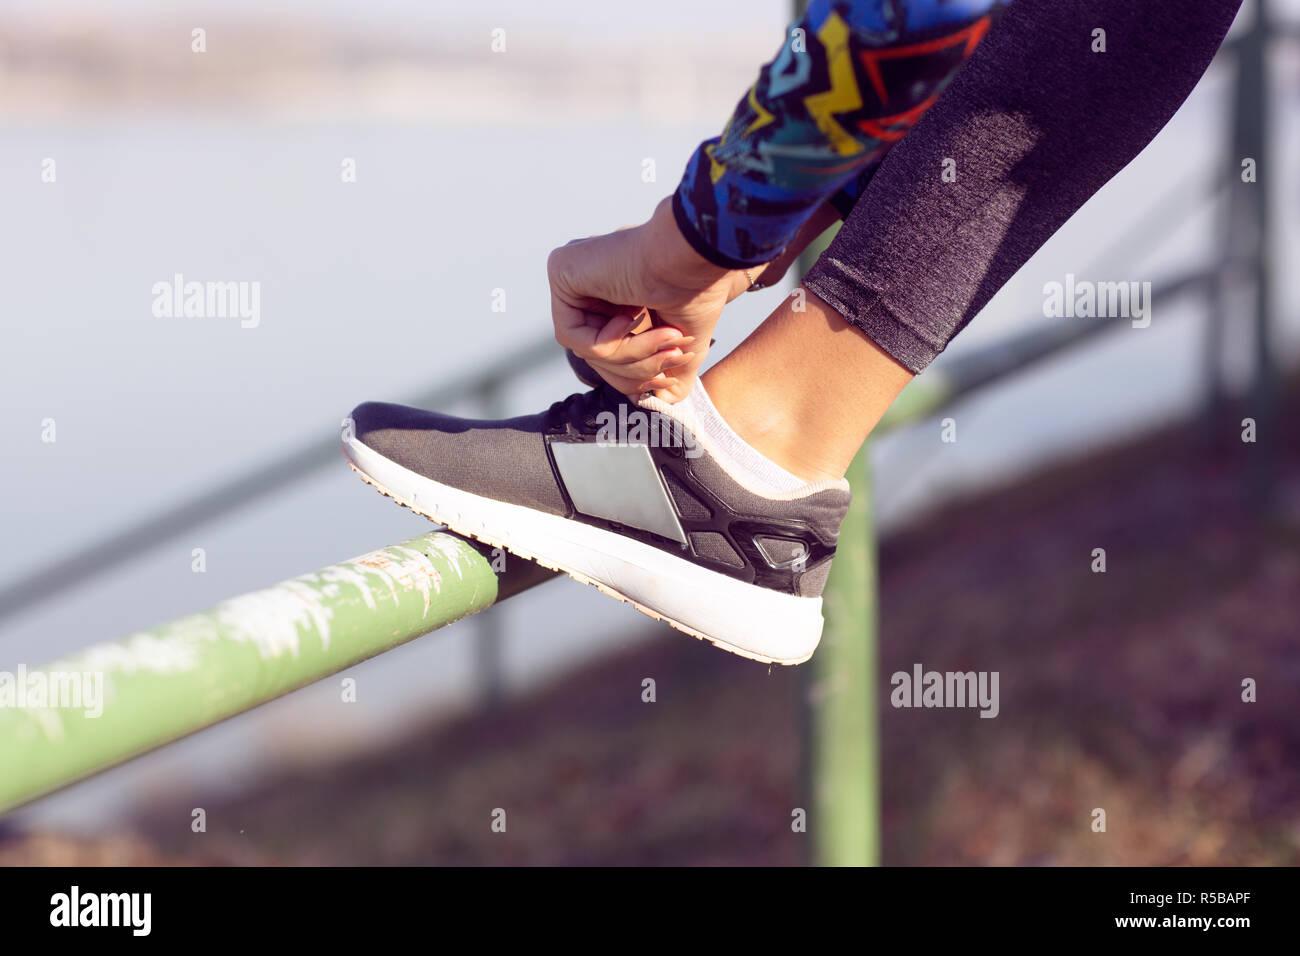 Calzado deportivo atado. Un joven sportswoman preparándose para el Athletic y entrenamiento físico al aire libre. Deporte, ejercicio, fitness, entrenamiento. Estilo de vida saludable Imagen De Stock